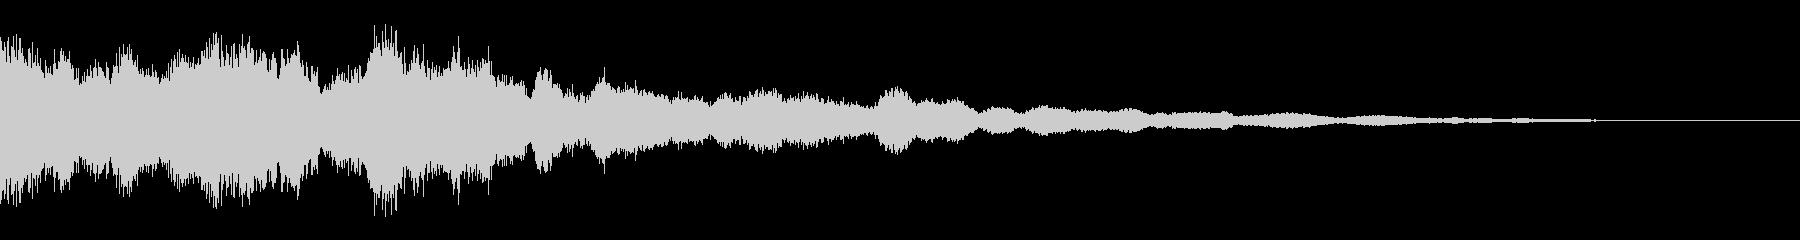 カーン・ゴーン(ホラーなベル音)の未再生の波形